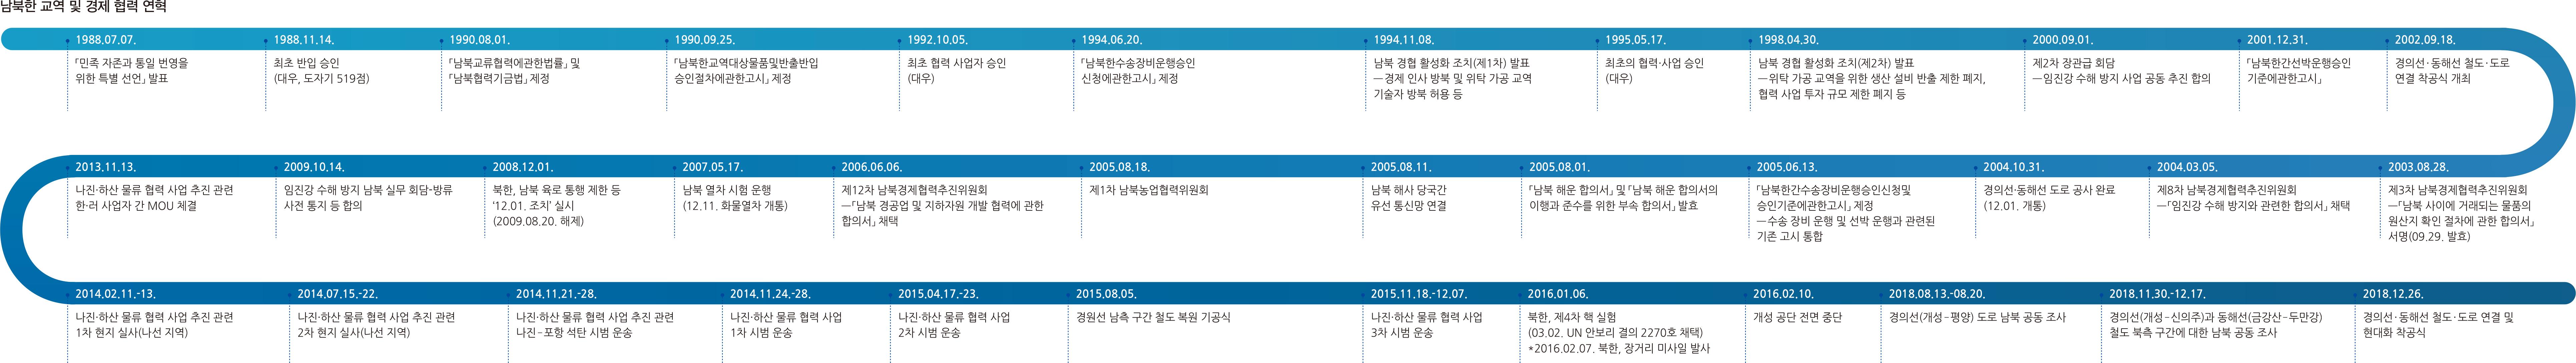 남북한 교역 및 경제 협력 연혁